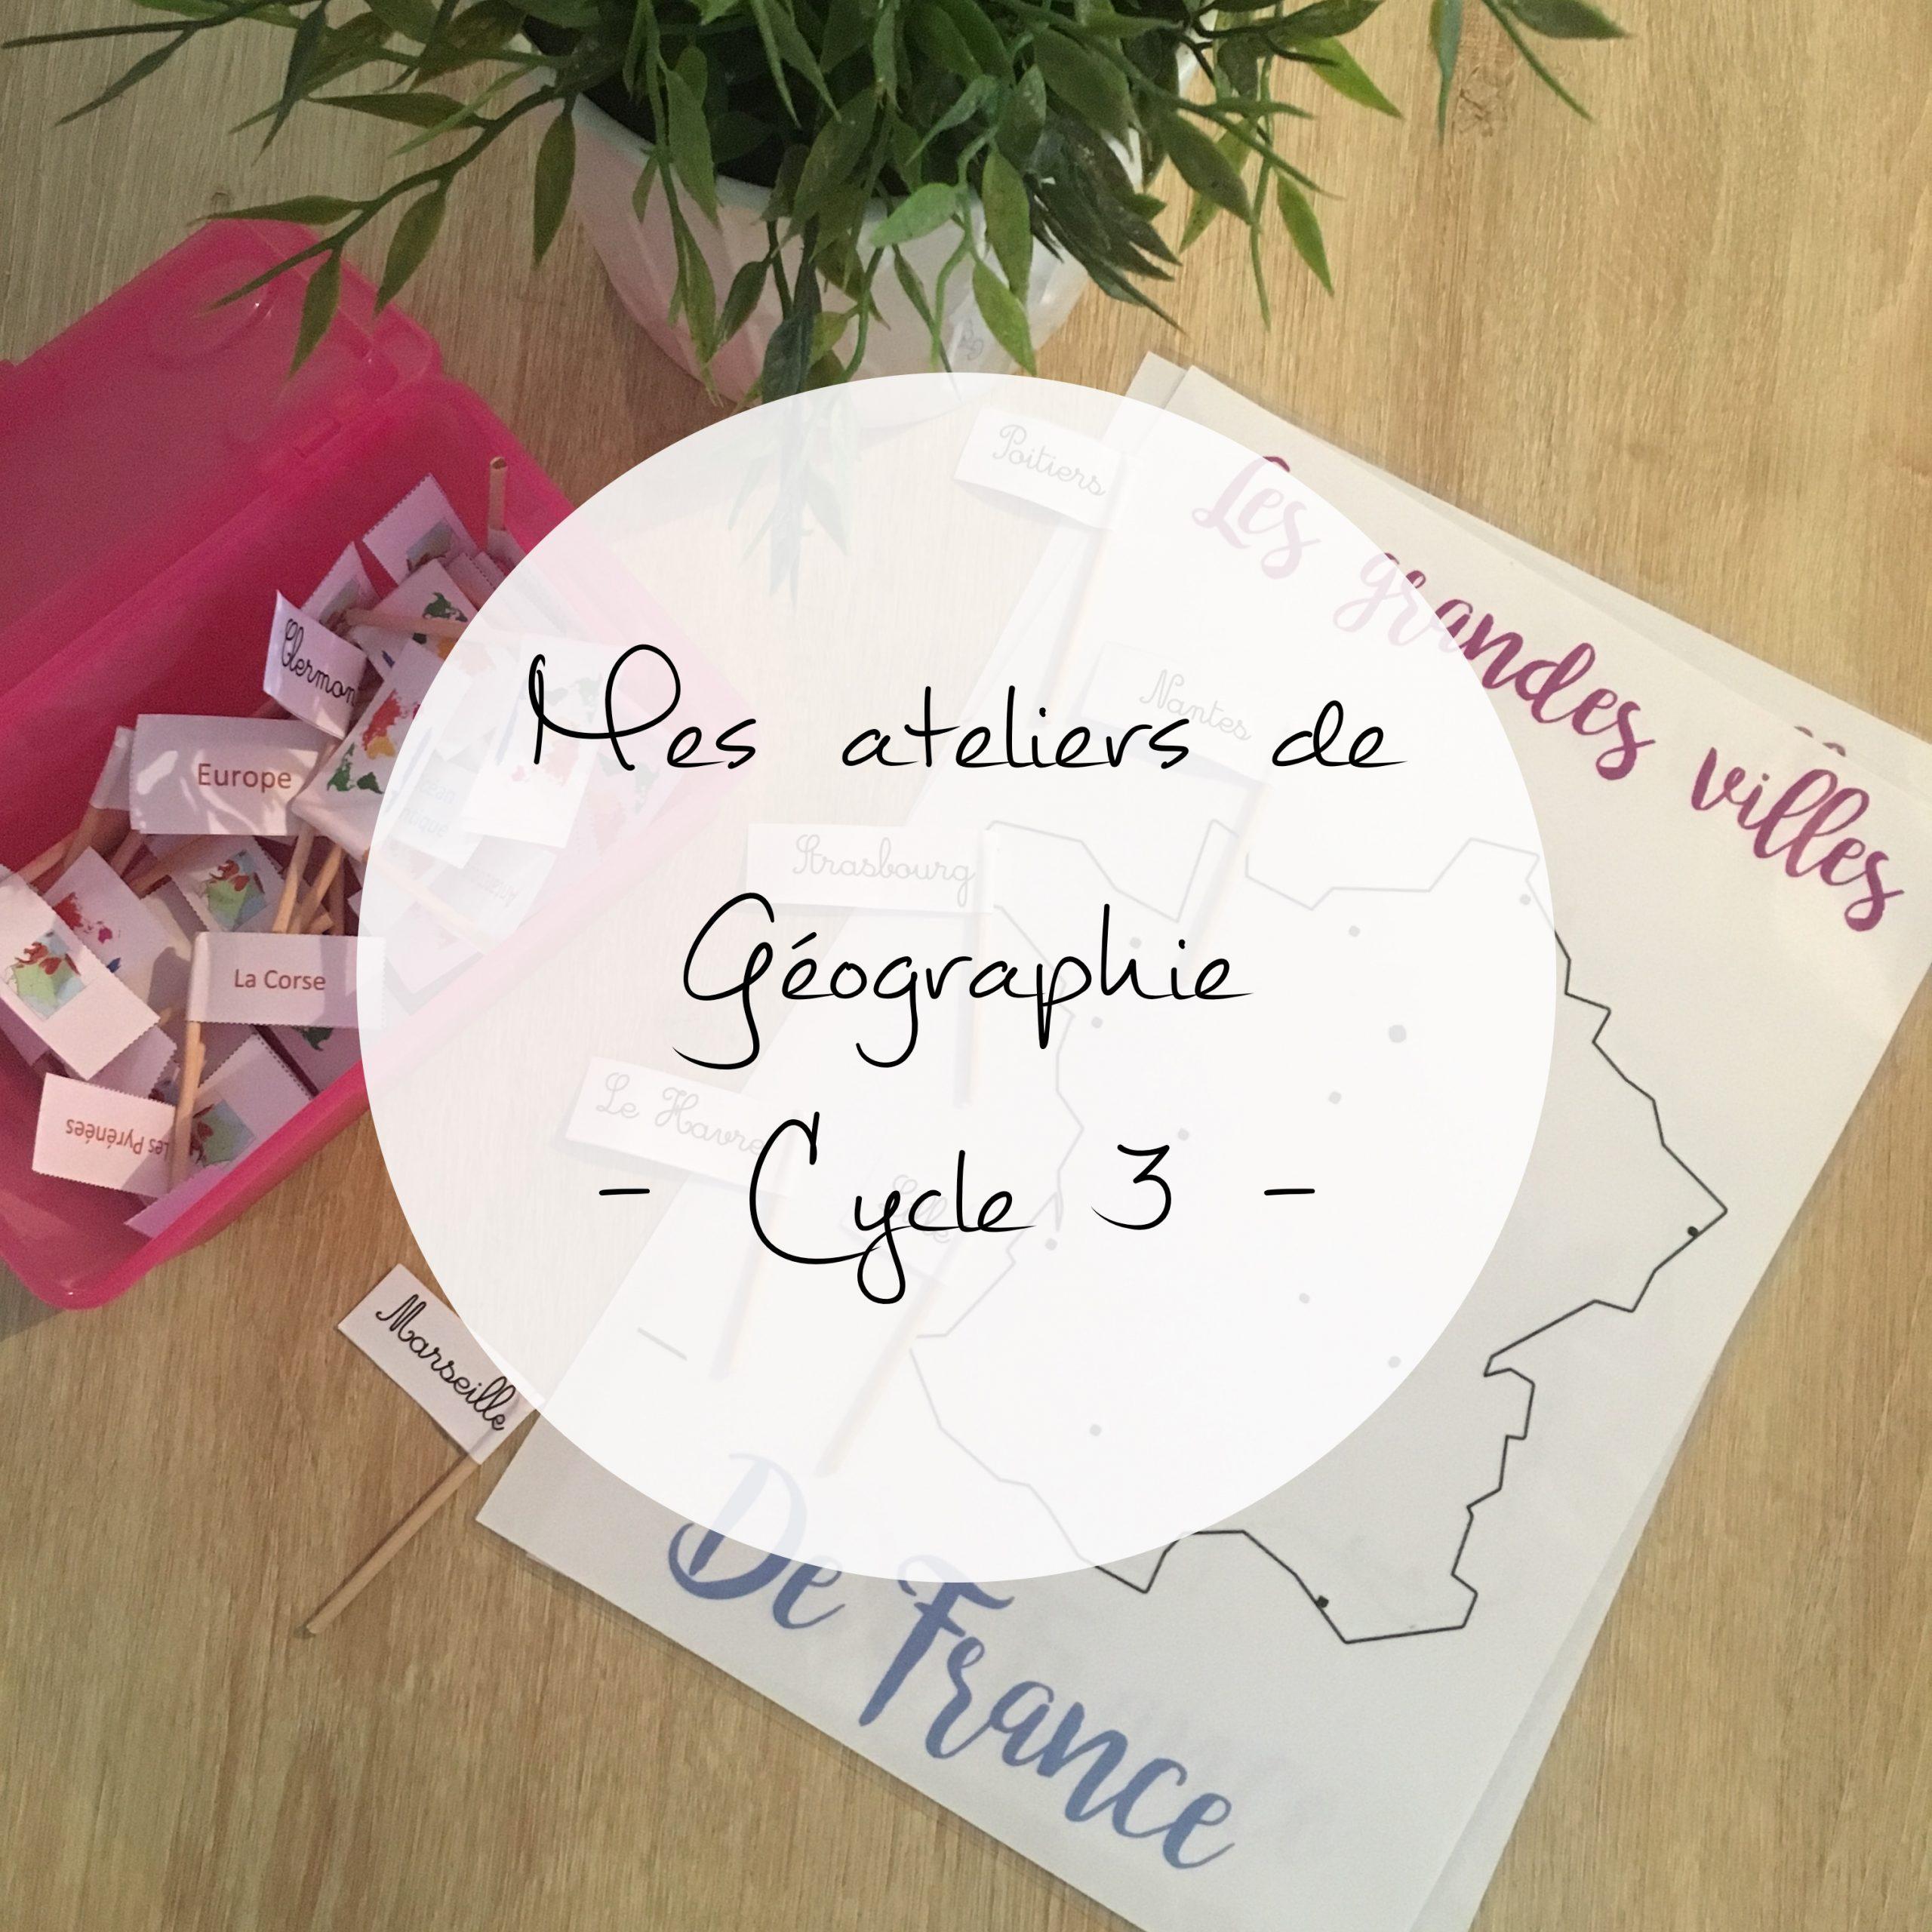 Ateliers De Géographie | Maitresse De La Forêt intérieur Jeux De Geographie